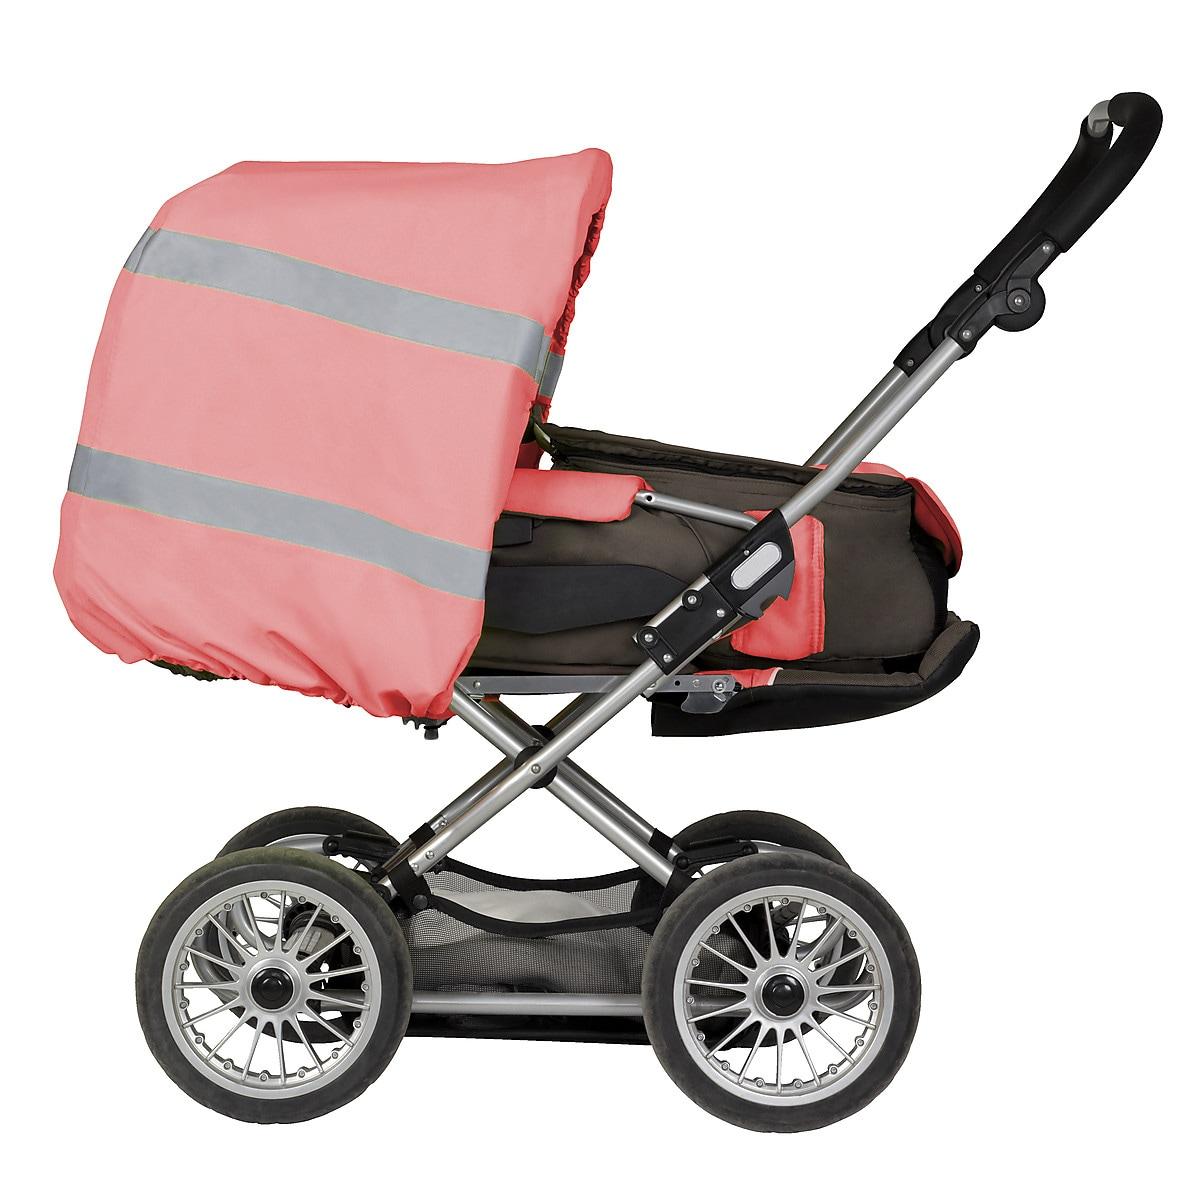 Regnöverdrag med reflekterande material för barnvagn